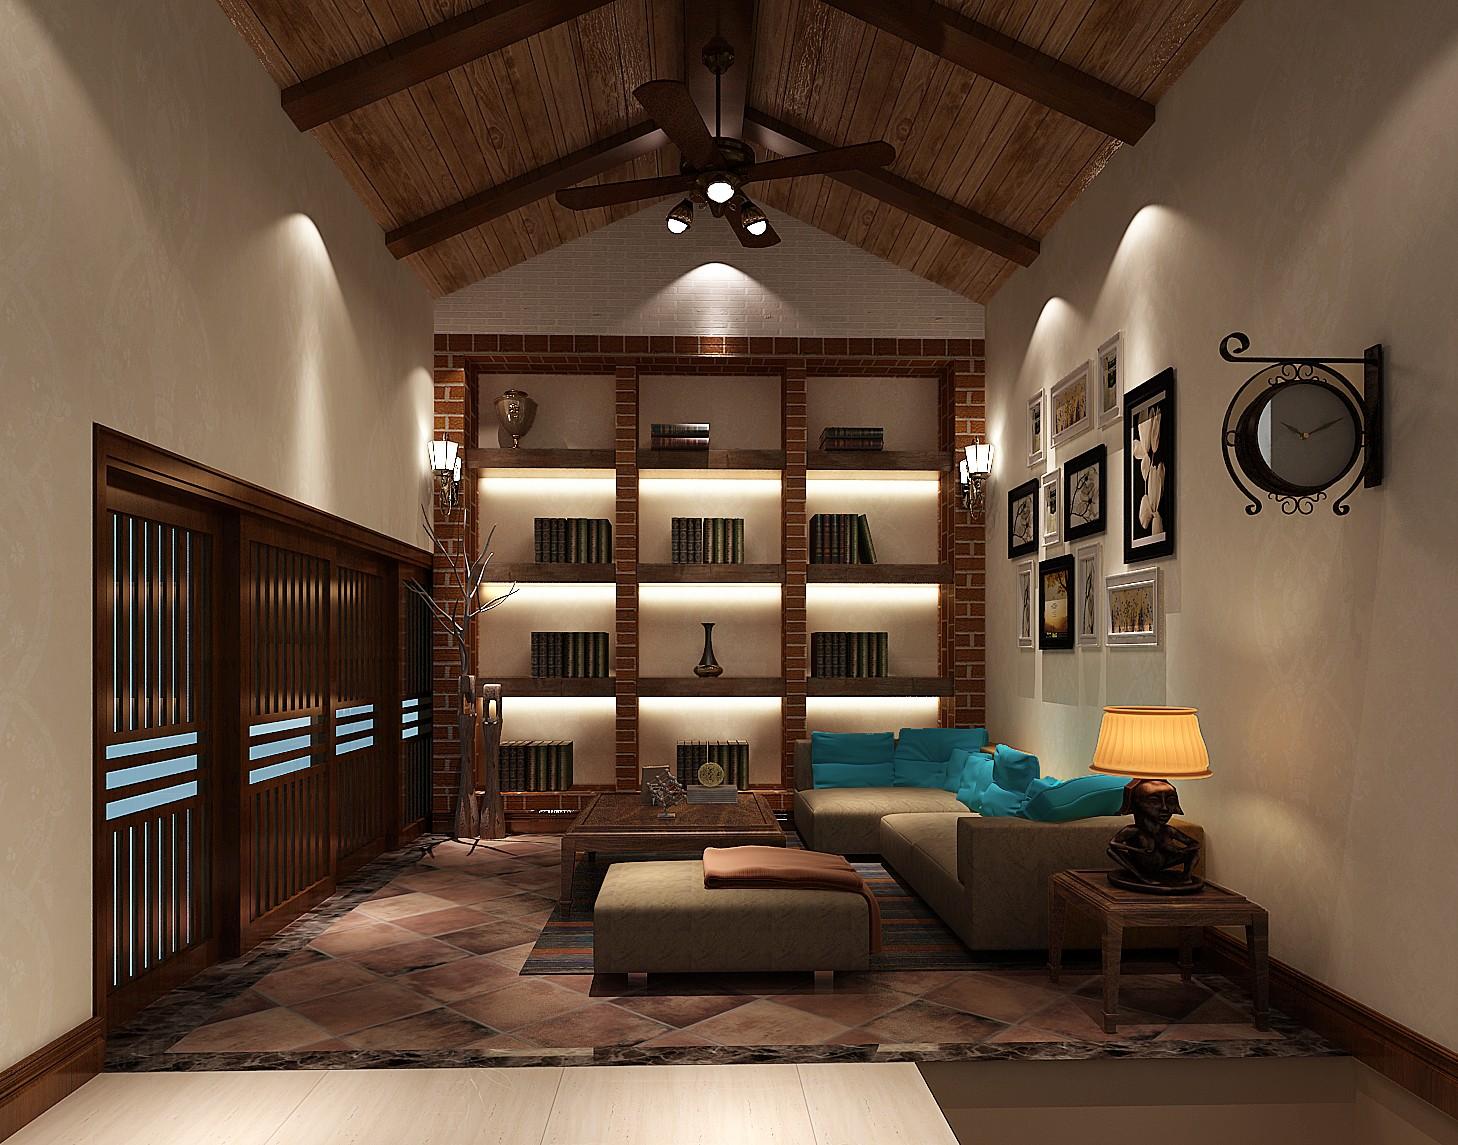 简约 混搭 别墅 白领 80后 复式 高度国际 鲁能7号院 时尚 书房图片来自北京高度国际装饰设计在鲁能7号院混搭复式公寓的分享